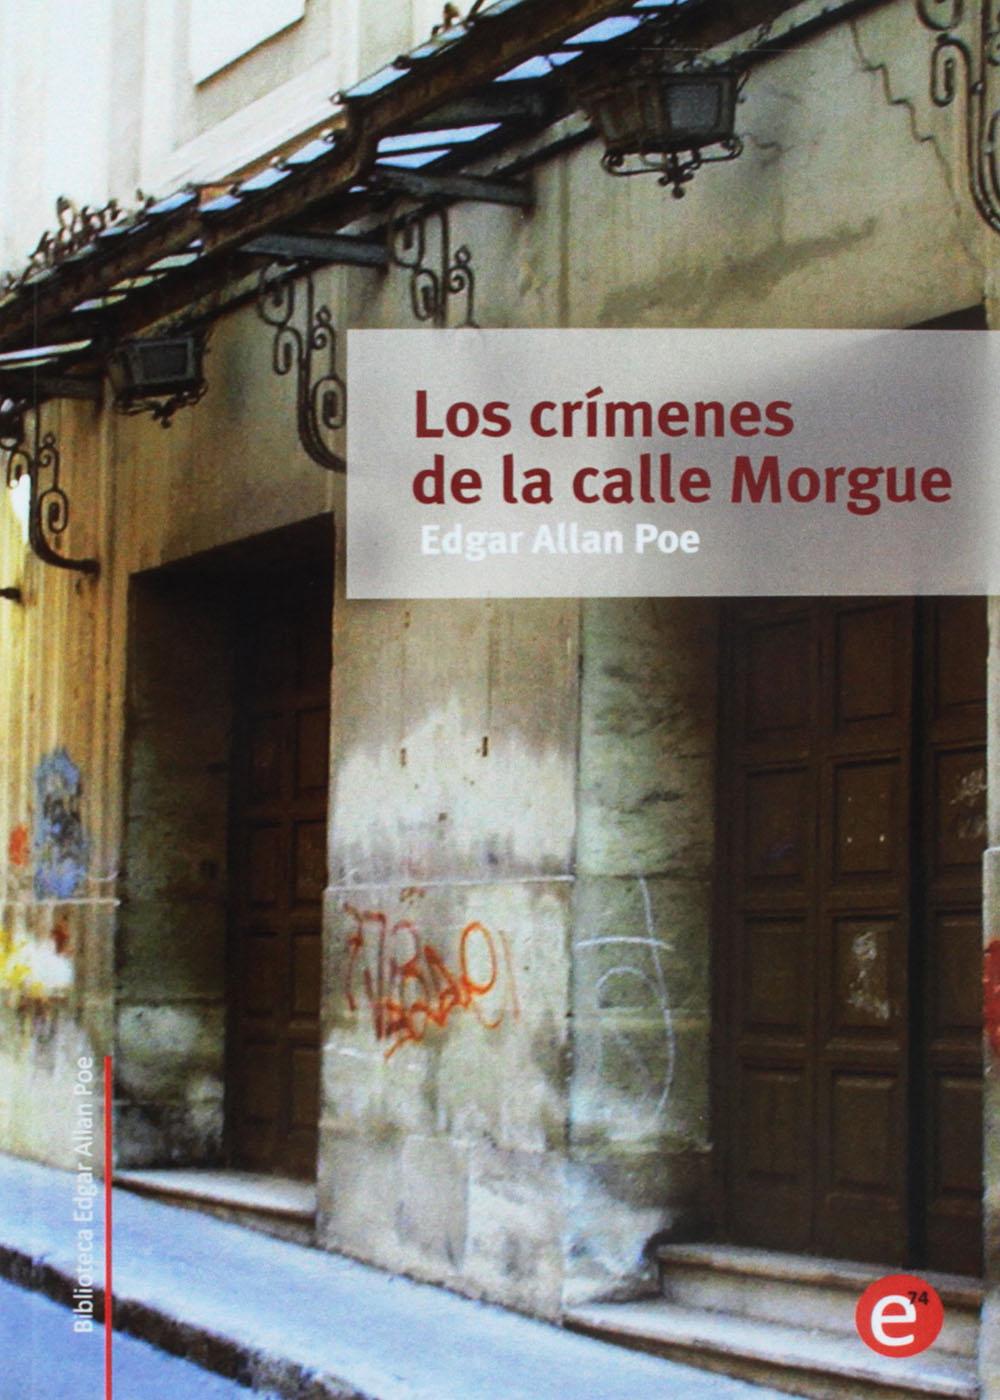 Los crímenes de la calle Morgue - Edgar Allan Poe